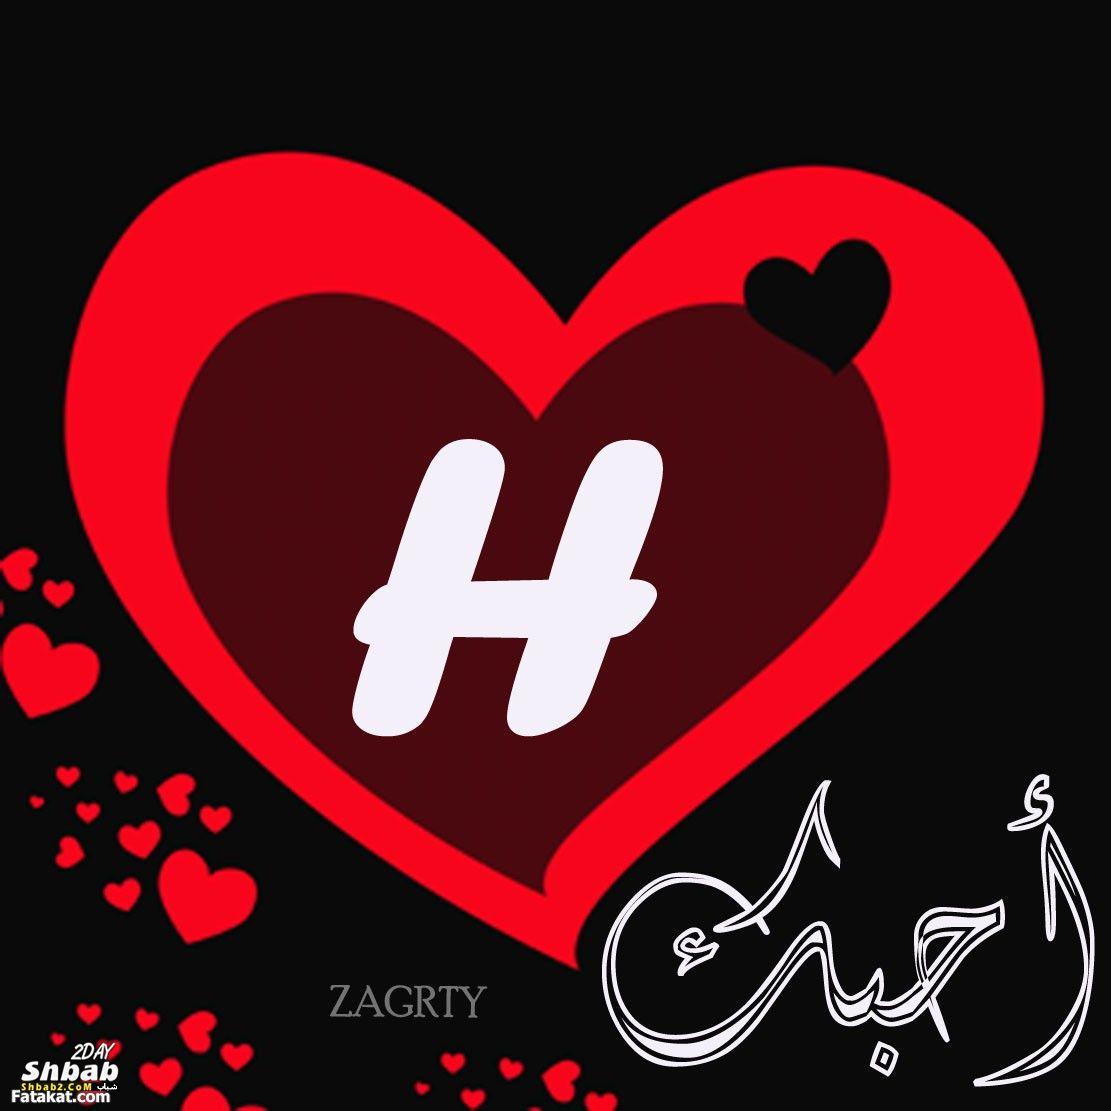 صور صور حروف جديدة , اشكال متنوعة للحروف العربية و الانجليزية